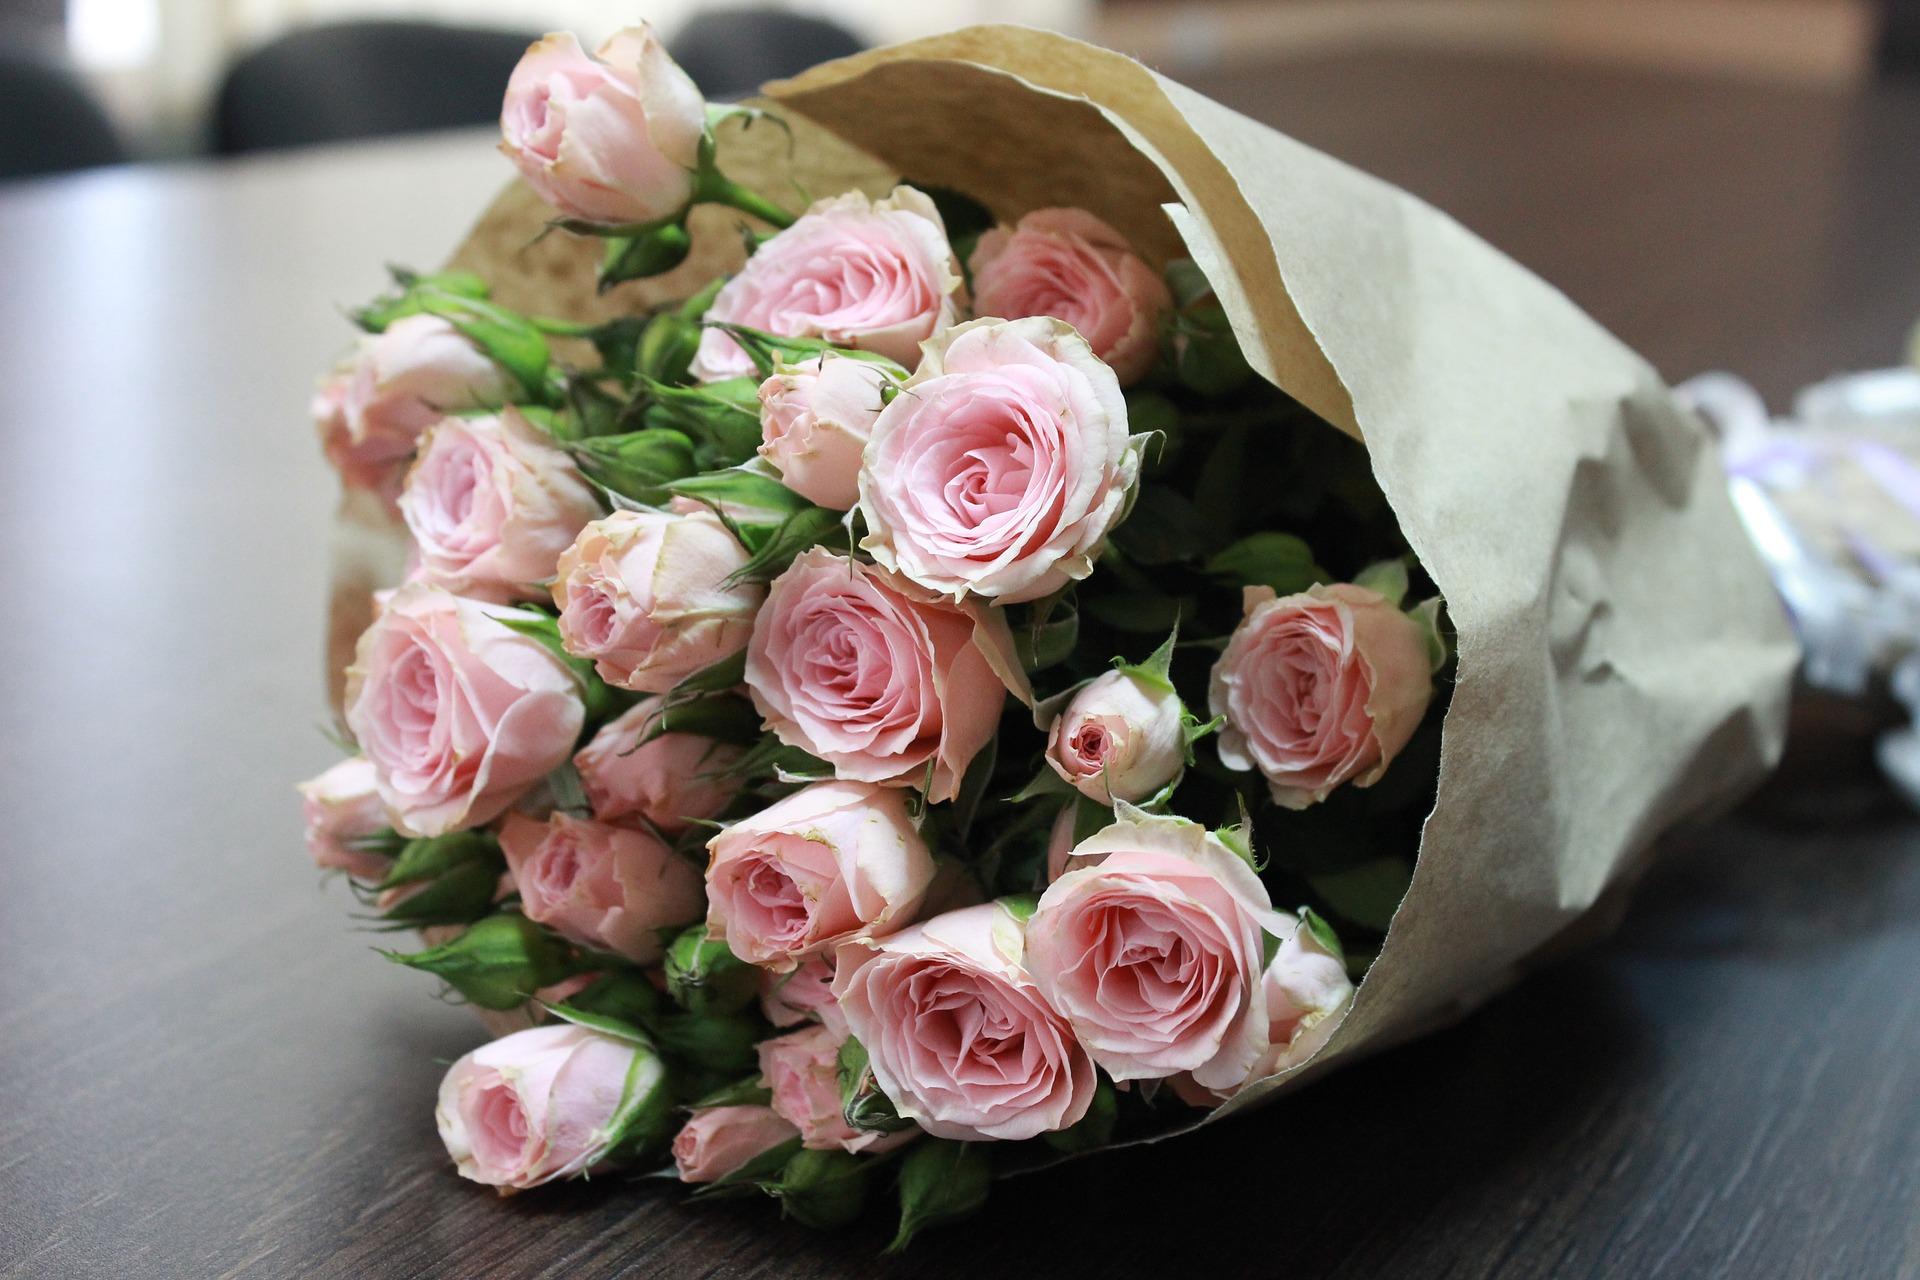 ورود جميلة اجمل الورود و الذهور الرائعه قلوب فتيات